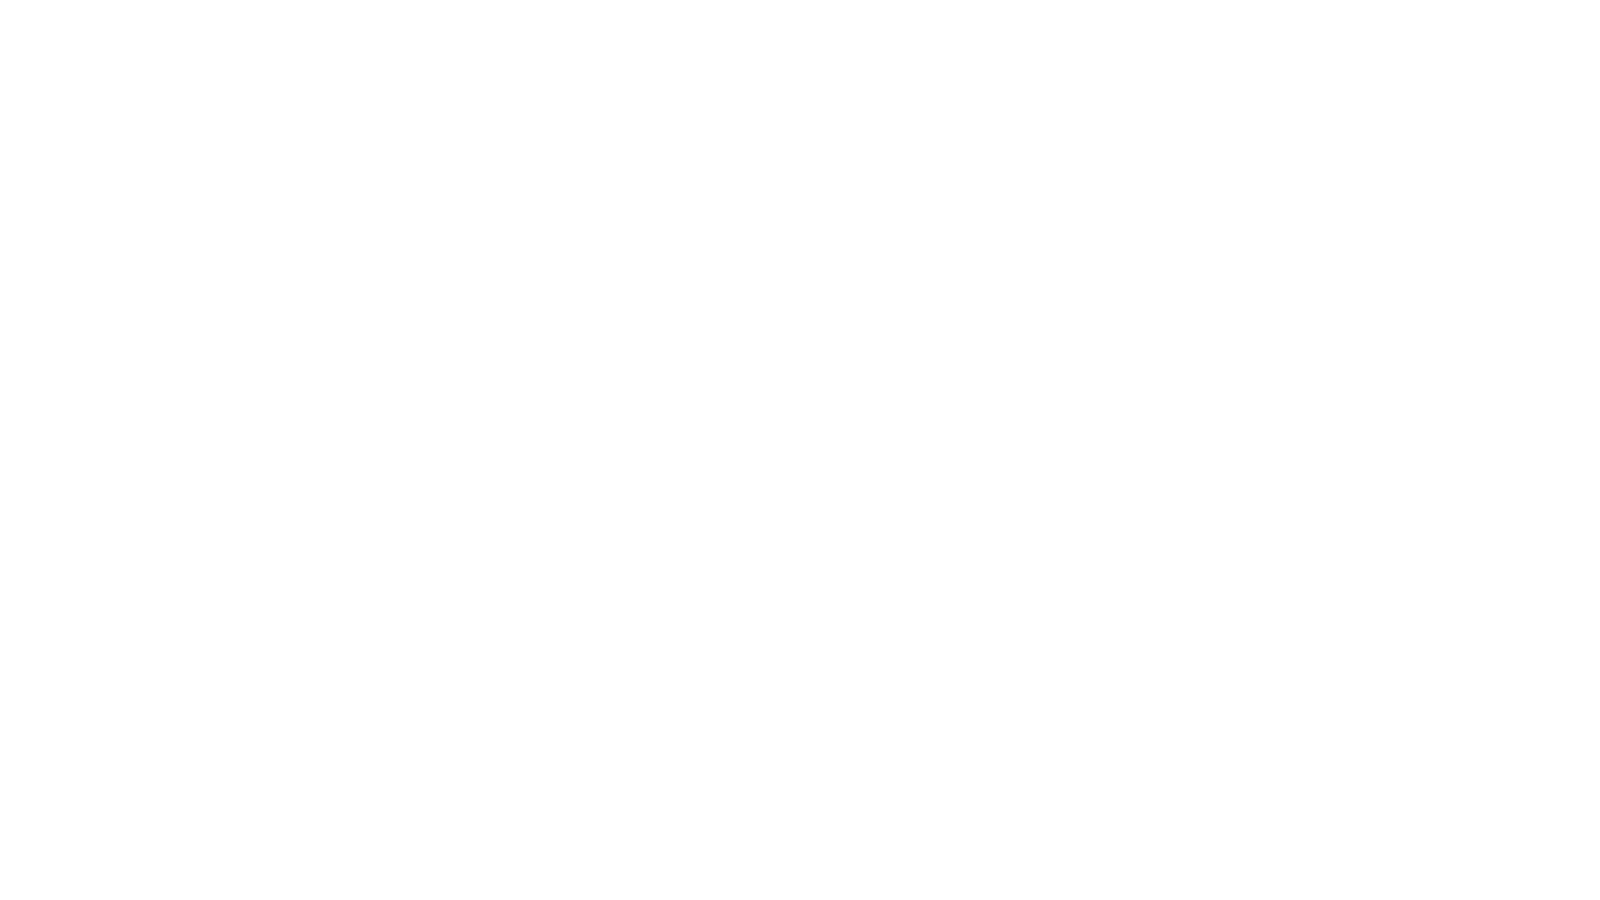 """""""Trashumancia: Patrimonio vivo de la Comunidad Tapalca de la Bajada de Paihuano"""", es el nombre de este proyecto audiovisual, que aborda temáticas del patrimonio y del quehacer de esta agrupación cultural comunitaria y que relatan la vida diaria, cuidado del ganado, gastronomía chilena, específicamente de cabrito, traslado de cargas a lomo de mula, entre otras; tradiciones y costumbres de criancero y arrieros, oficios patrimoniales que han creado identidad territorial."""